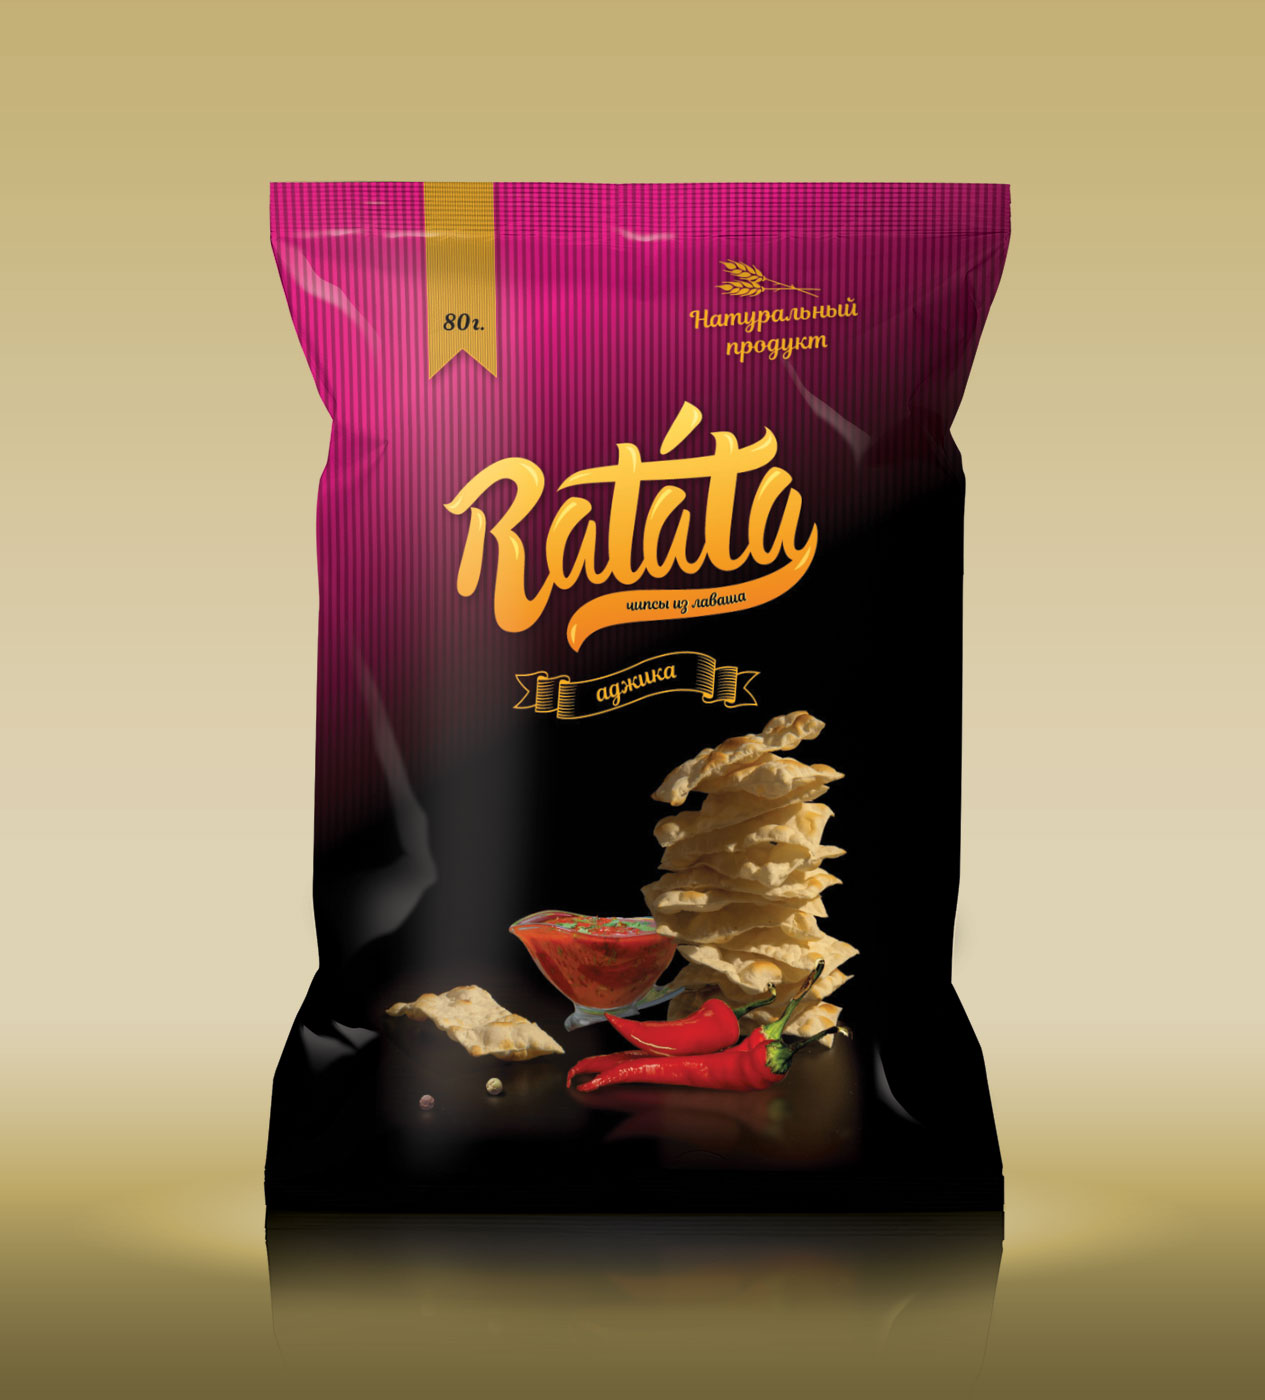 Emballage design til chips Ratatouille adjika